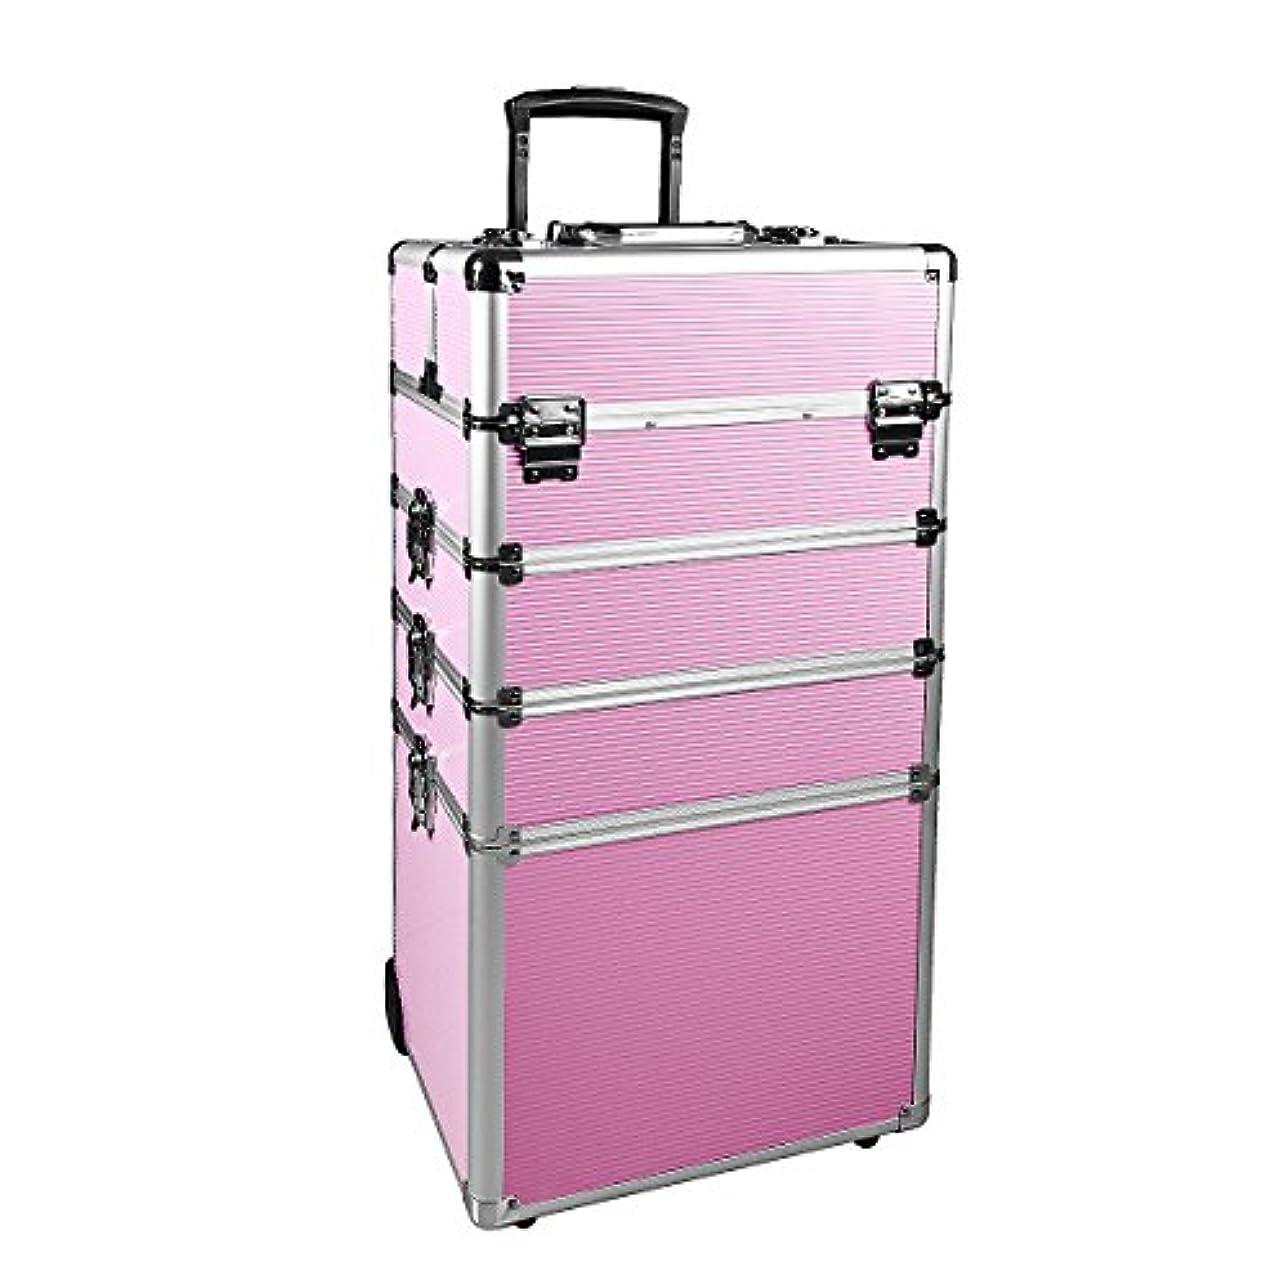 うるさい最大パンツNHSM 1つ プロ 化粧品ローリング主催 アルミフレームと折りたたみトレイで化粧列車 ケース4 ピンク